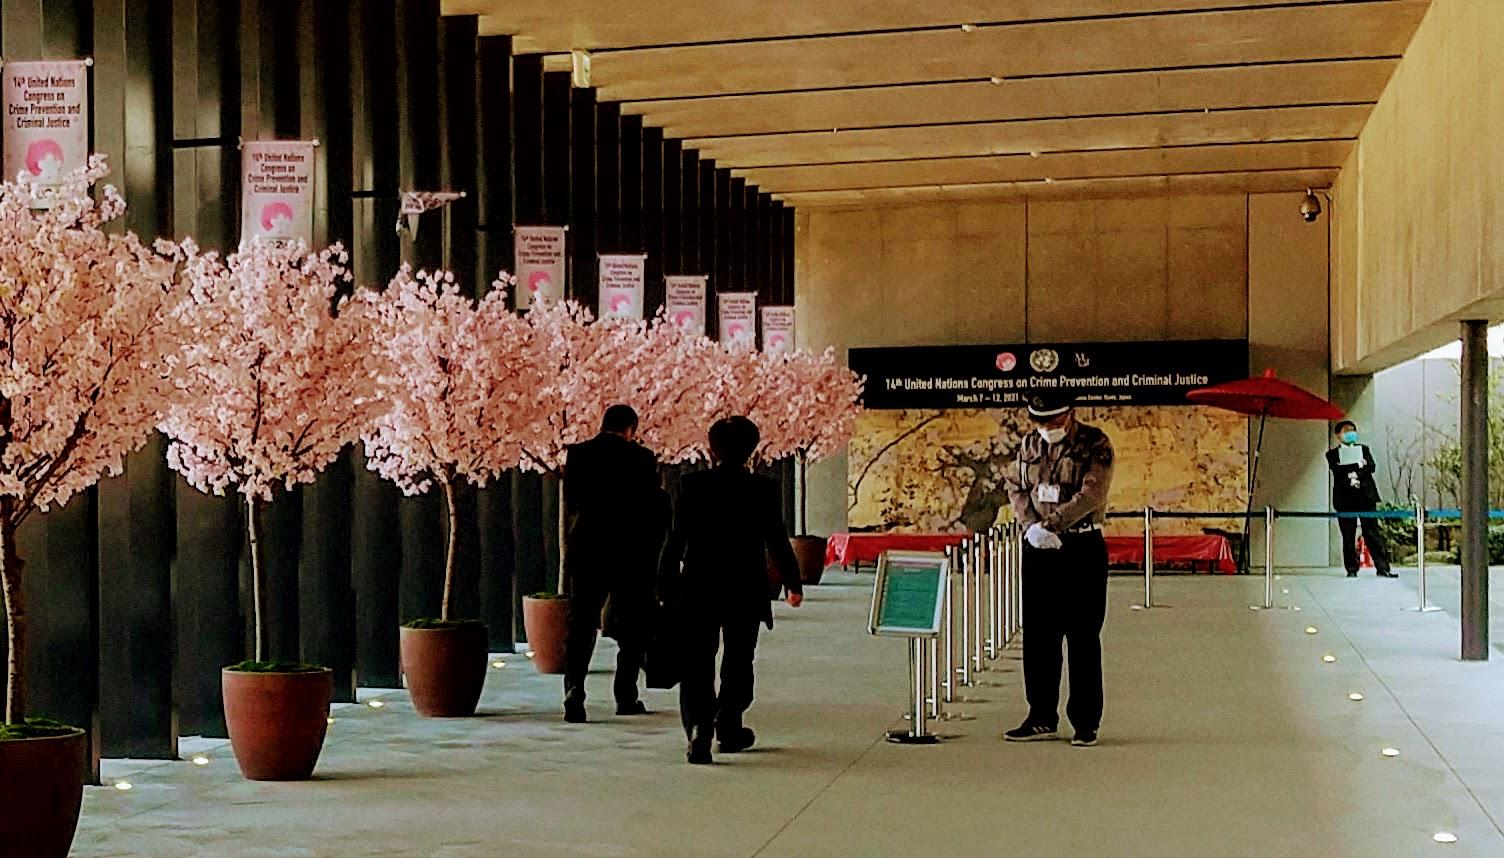 コロナ禍で来場者数を制限し、ハイブリッド参加形式で開催された京都コングレス